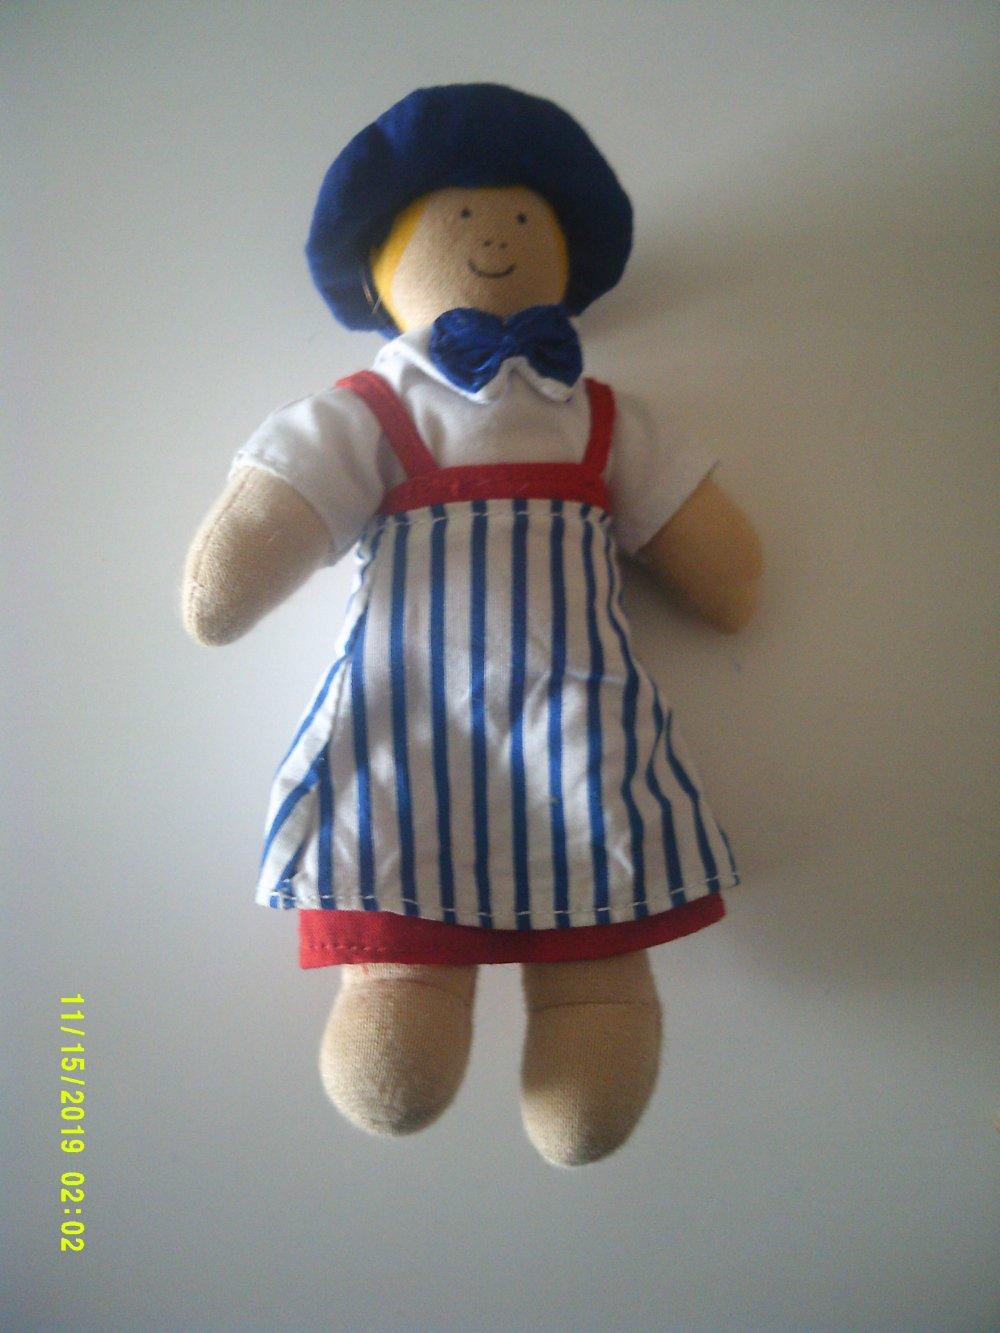 petite poupée de chiffon articulée ancienne - mignonnette - pour maison de poupée